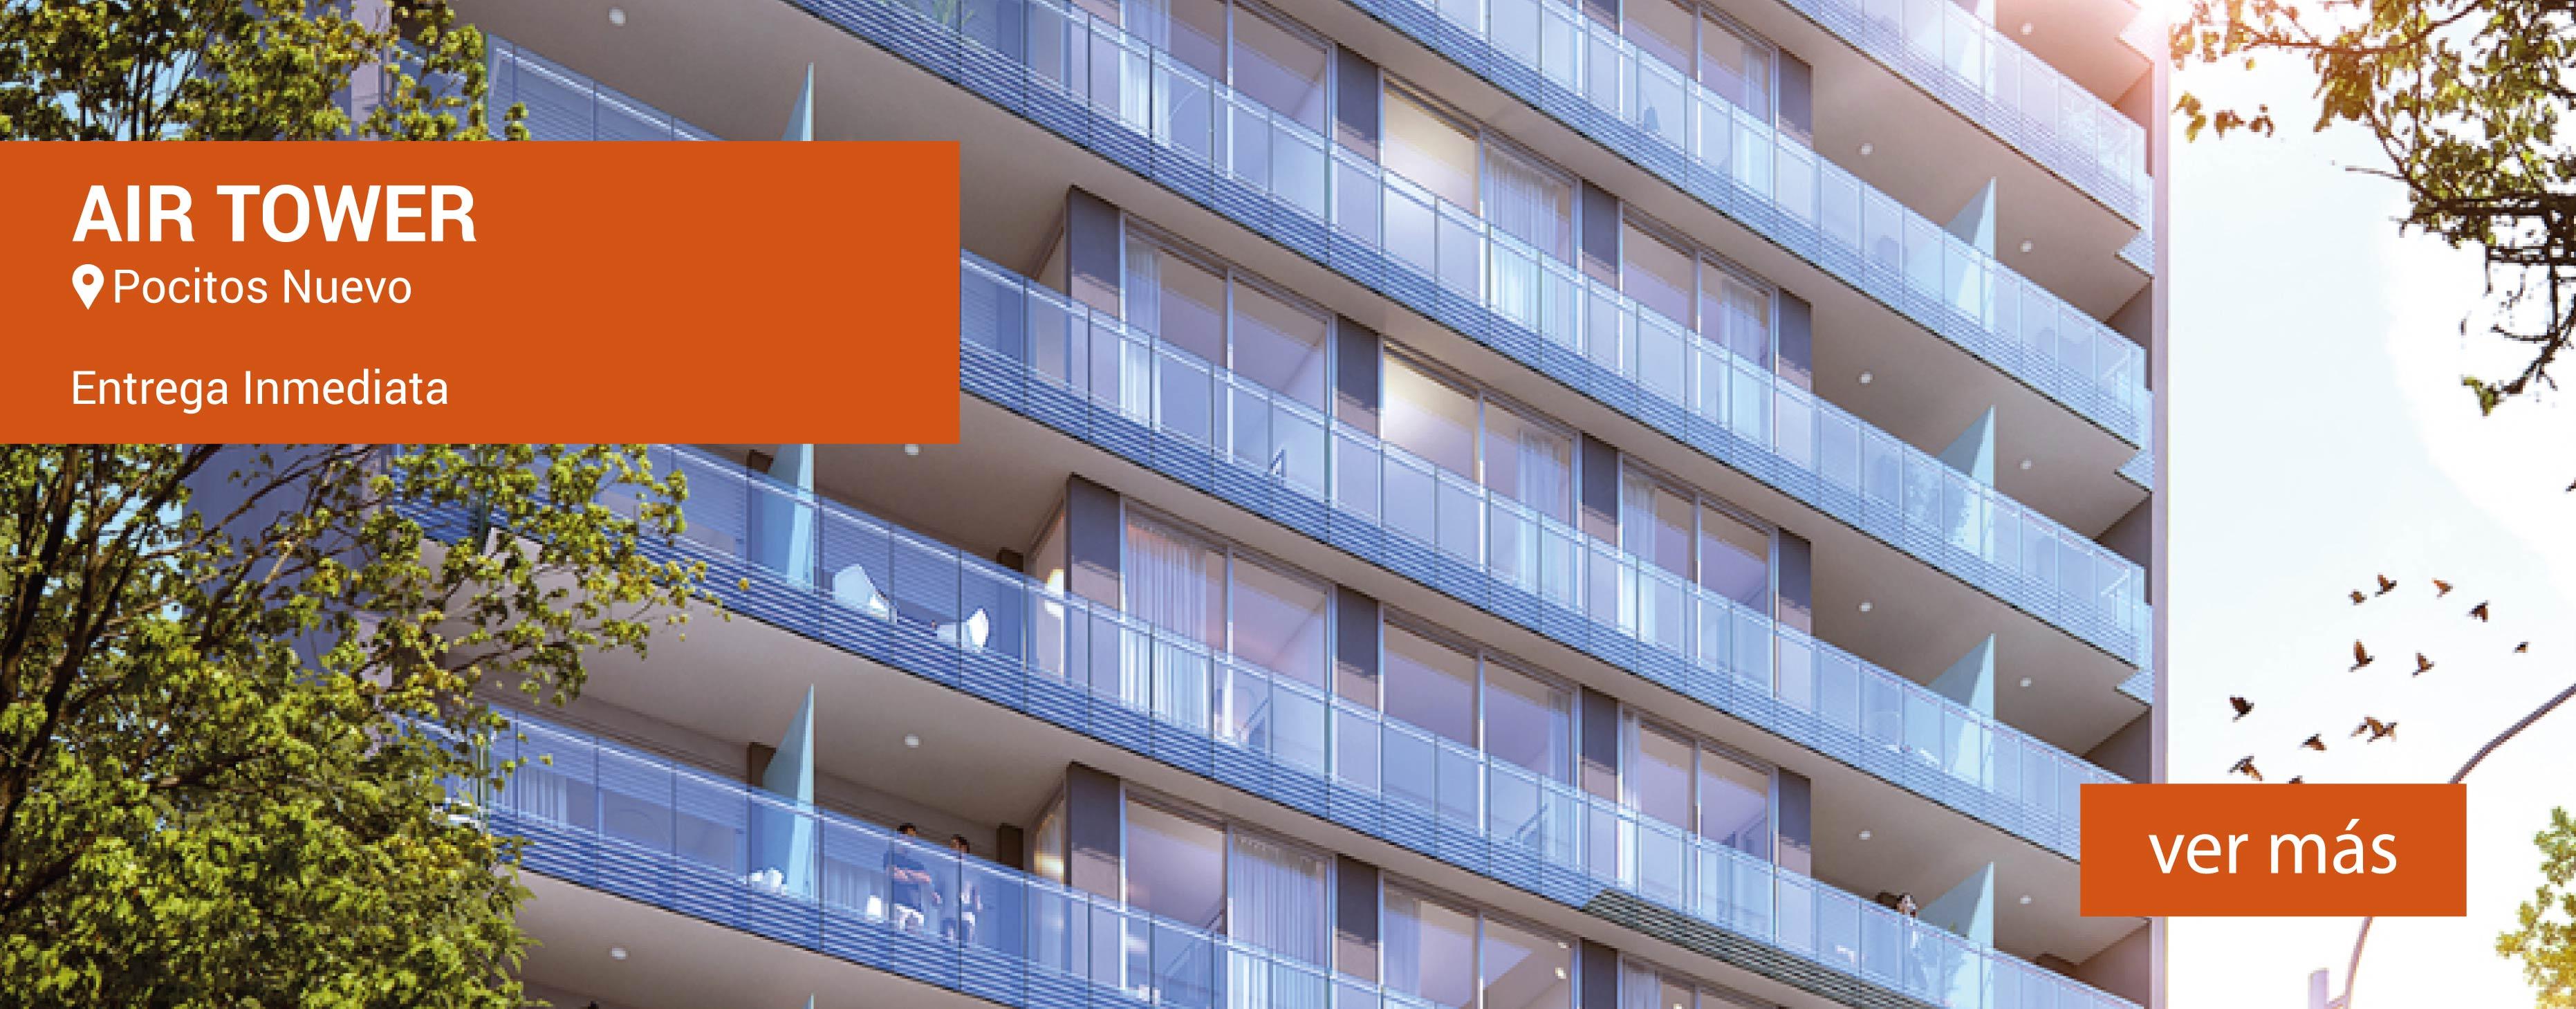 5e2605fa560ce infocdn  air tower banner